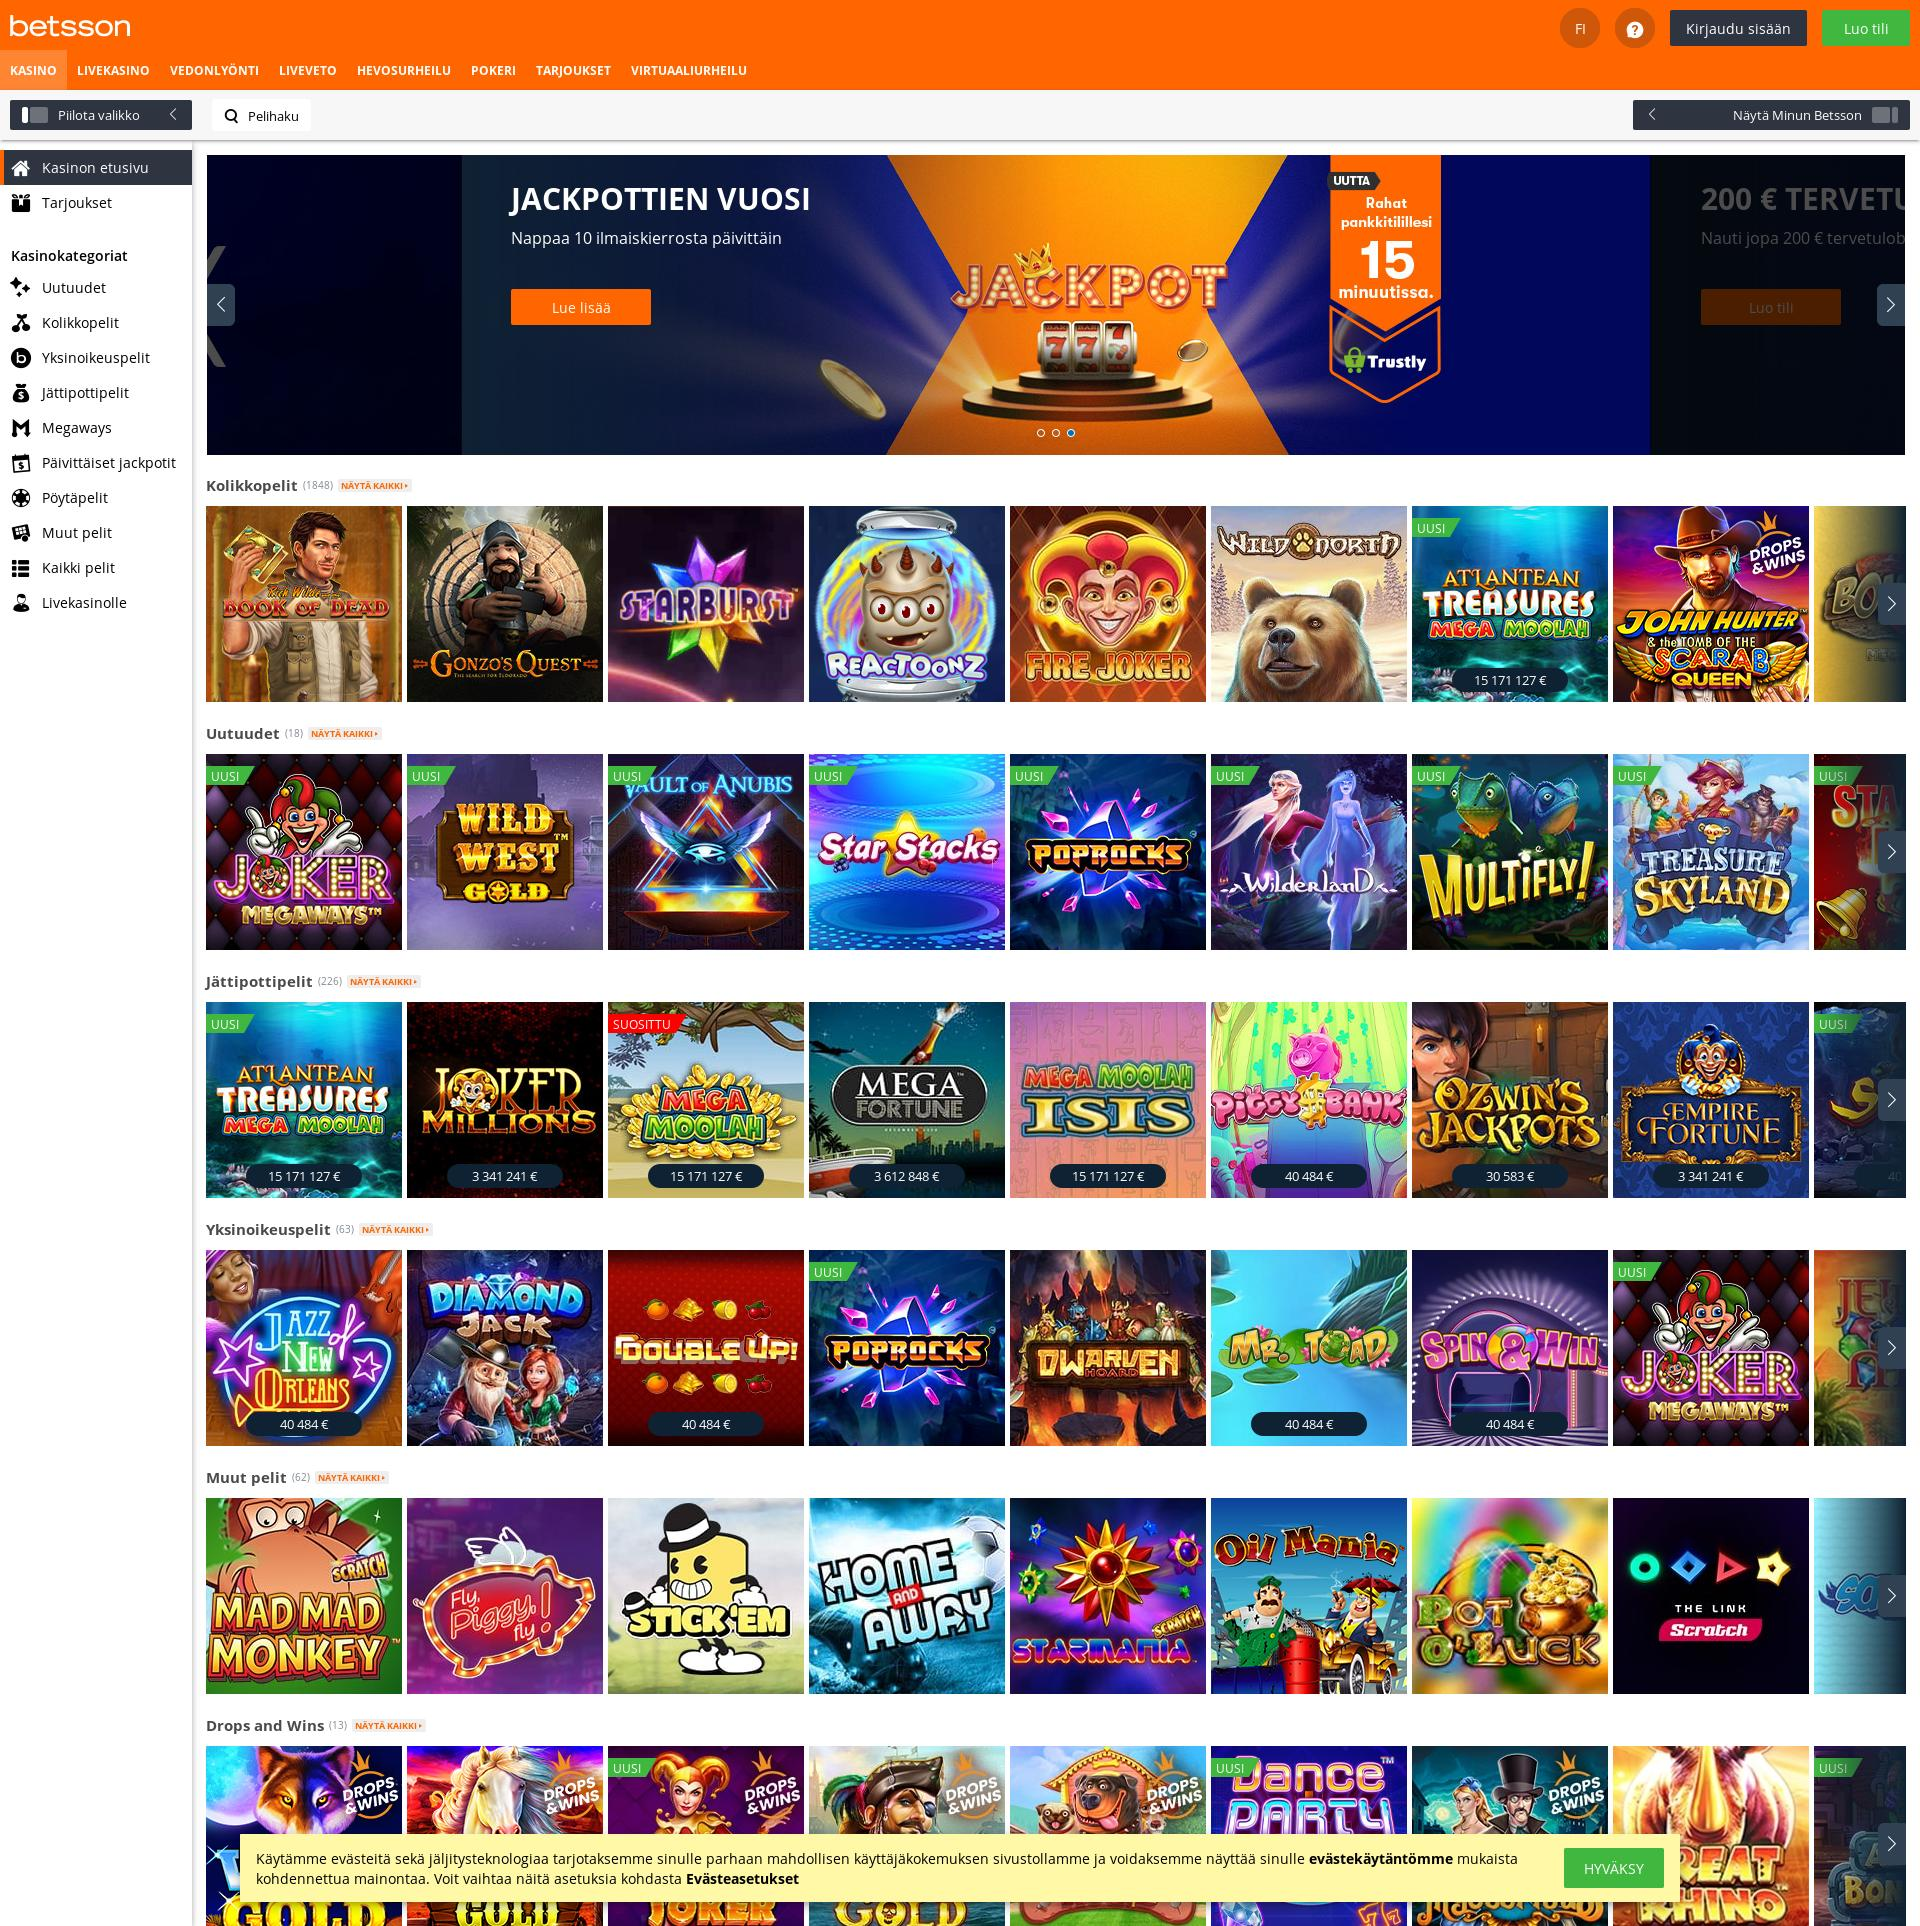 Casino-näyttö Lobby 2020-03-30 varten Suomi